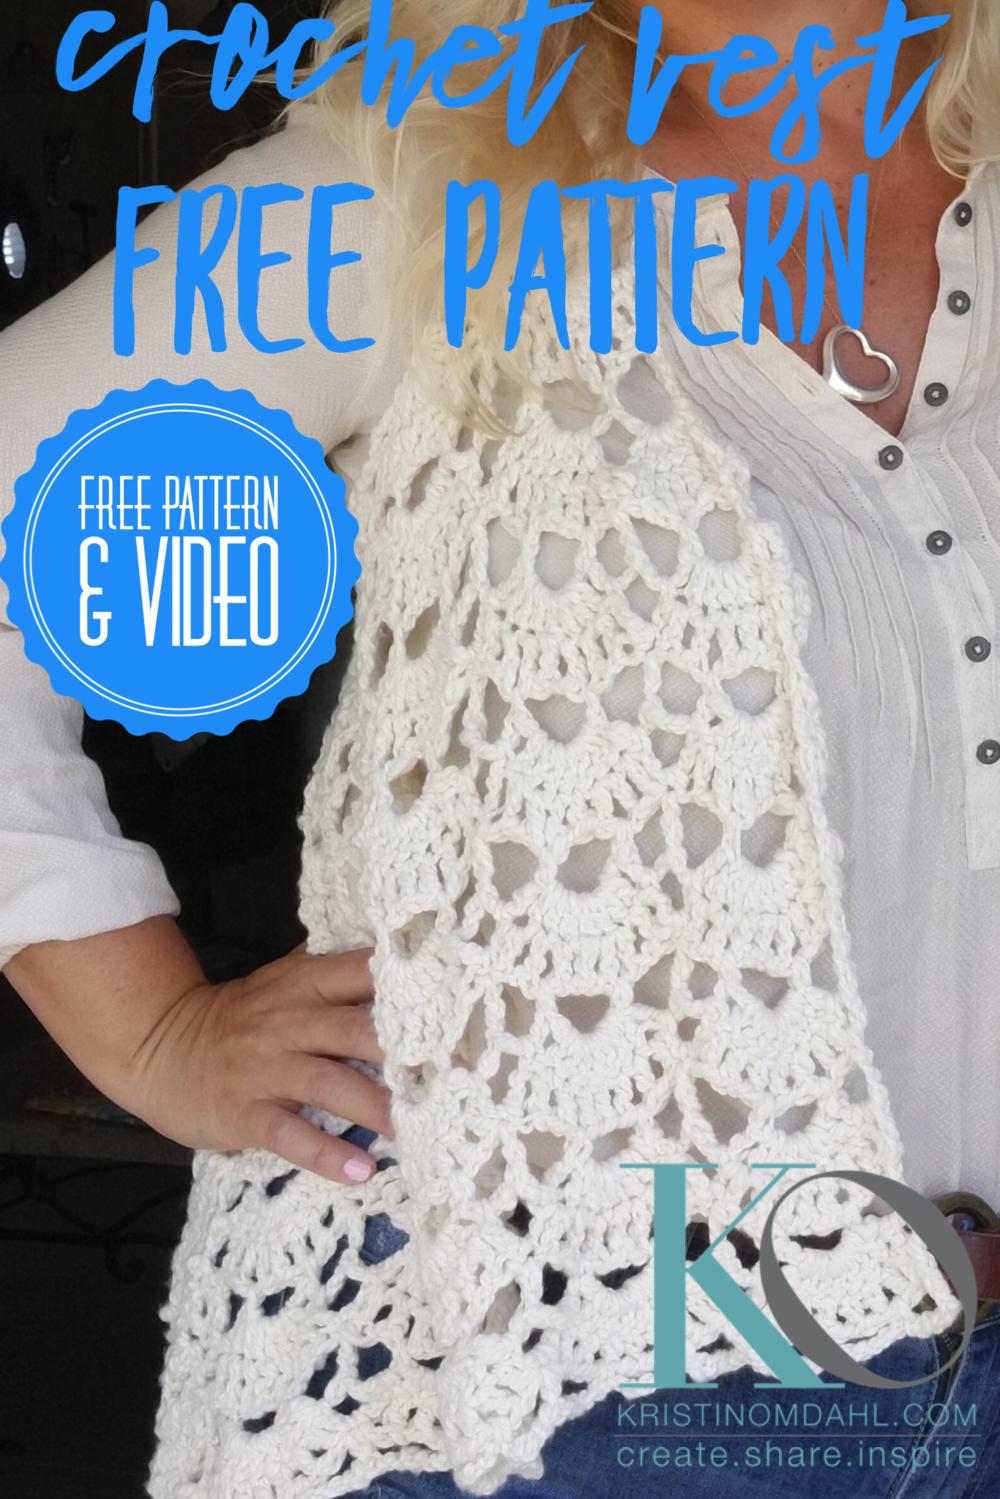 Claire Tender Crochet Vest Easy Free Pattern Kristin Omdahl